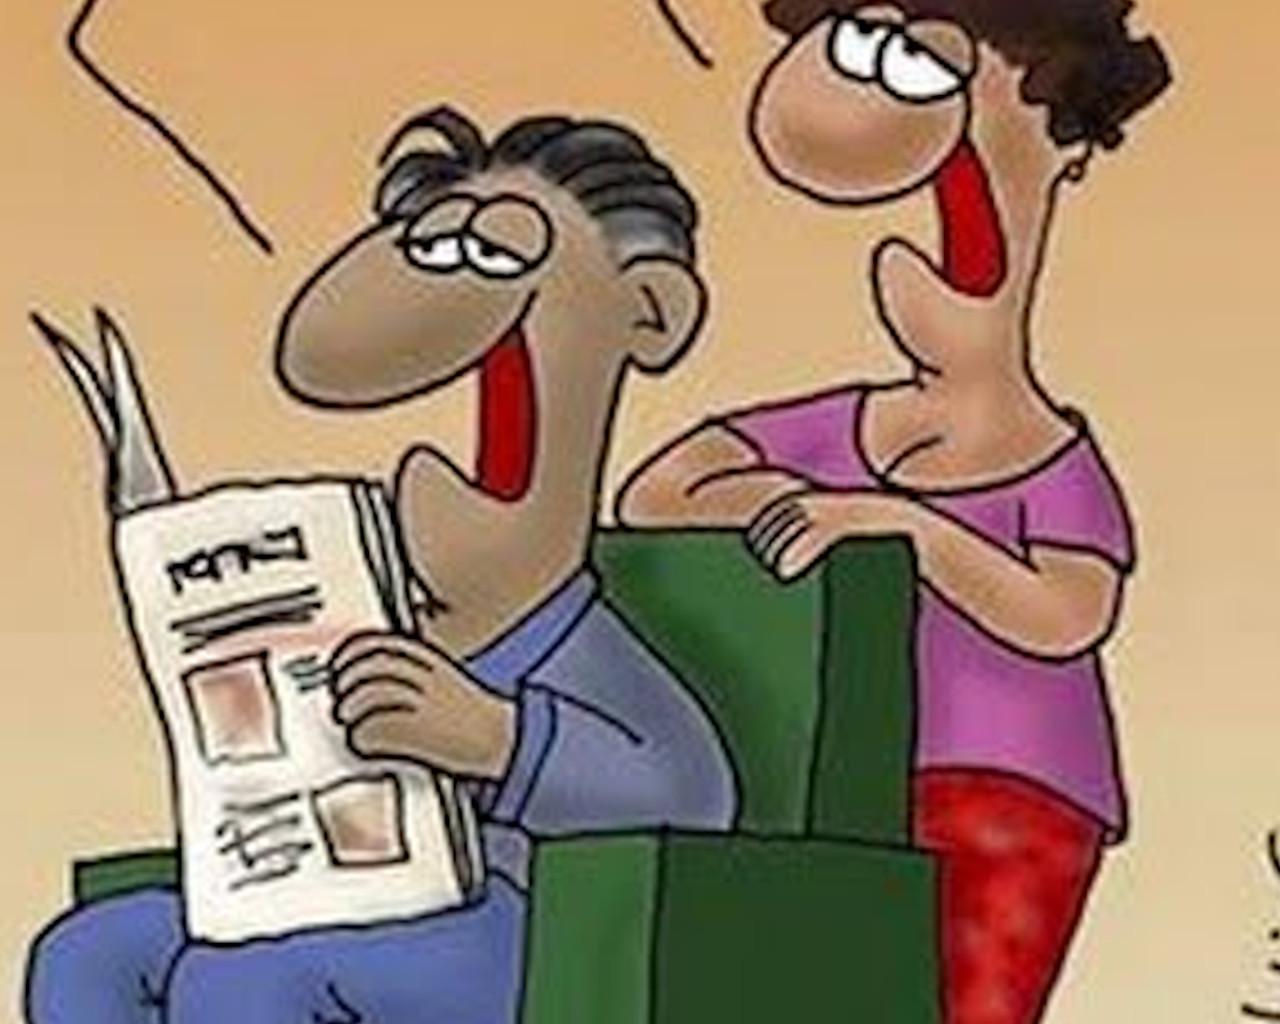 ΑΝΕΚΔΟΤΟ: Το ανδρόγυνο και νυχτερινό ''ΣΠPΩΞΙΜΟ''. Τρελό γέλιο!